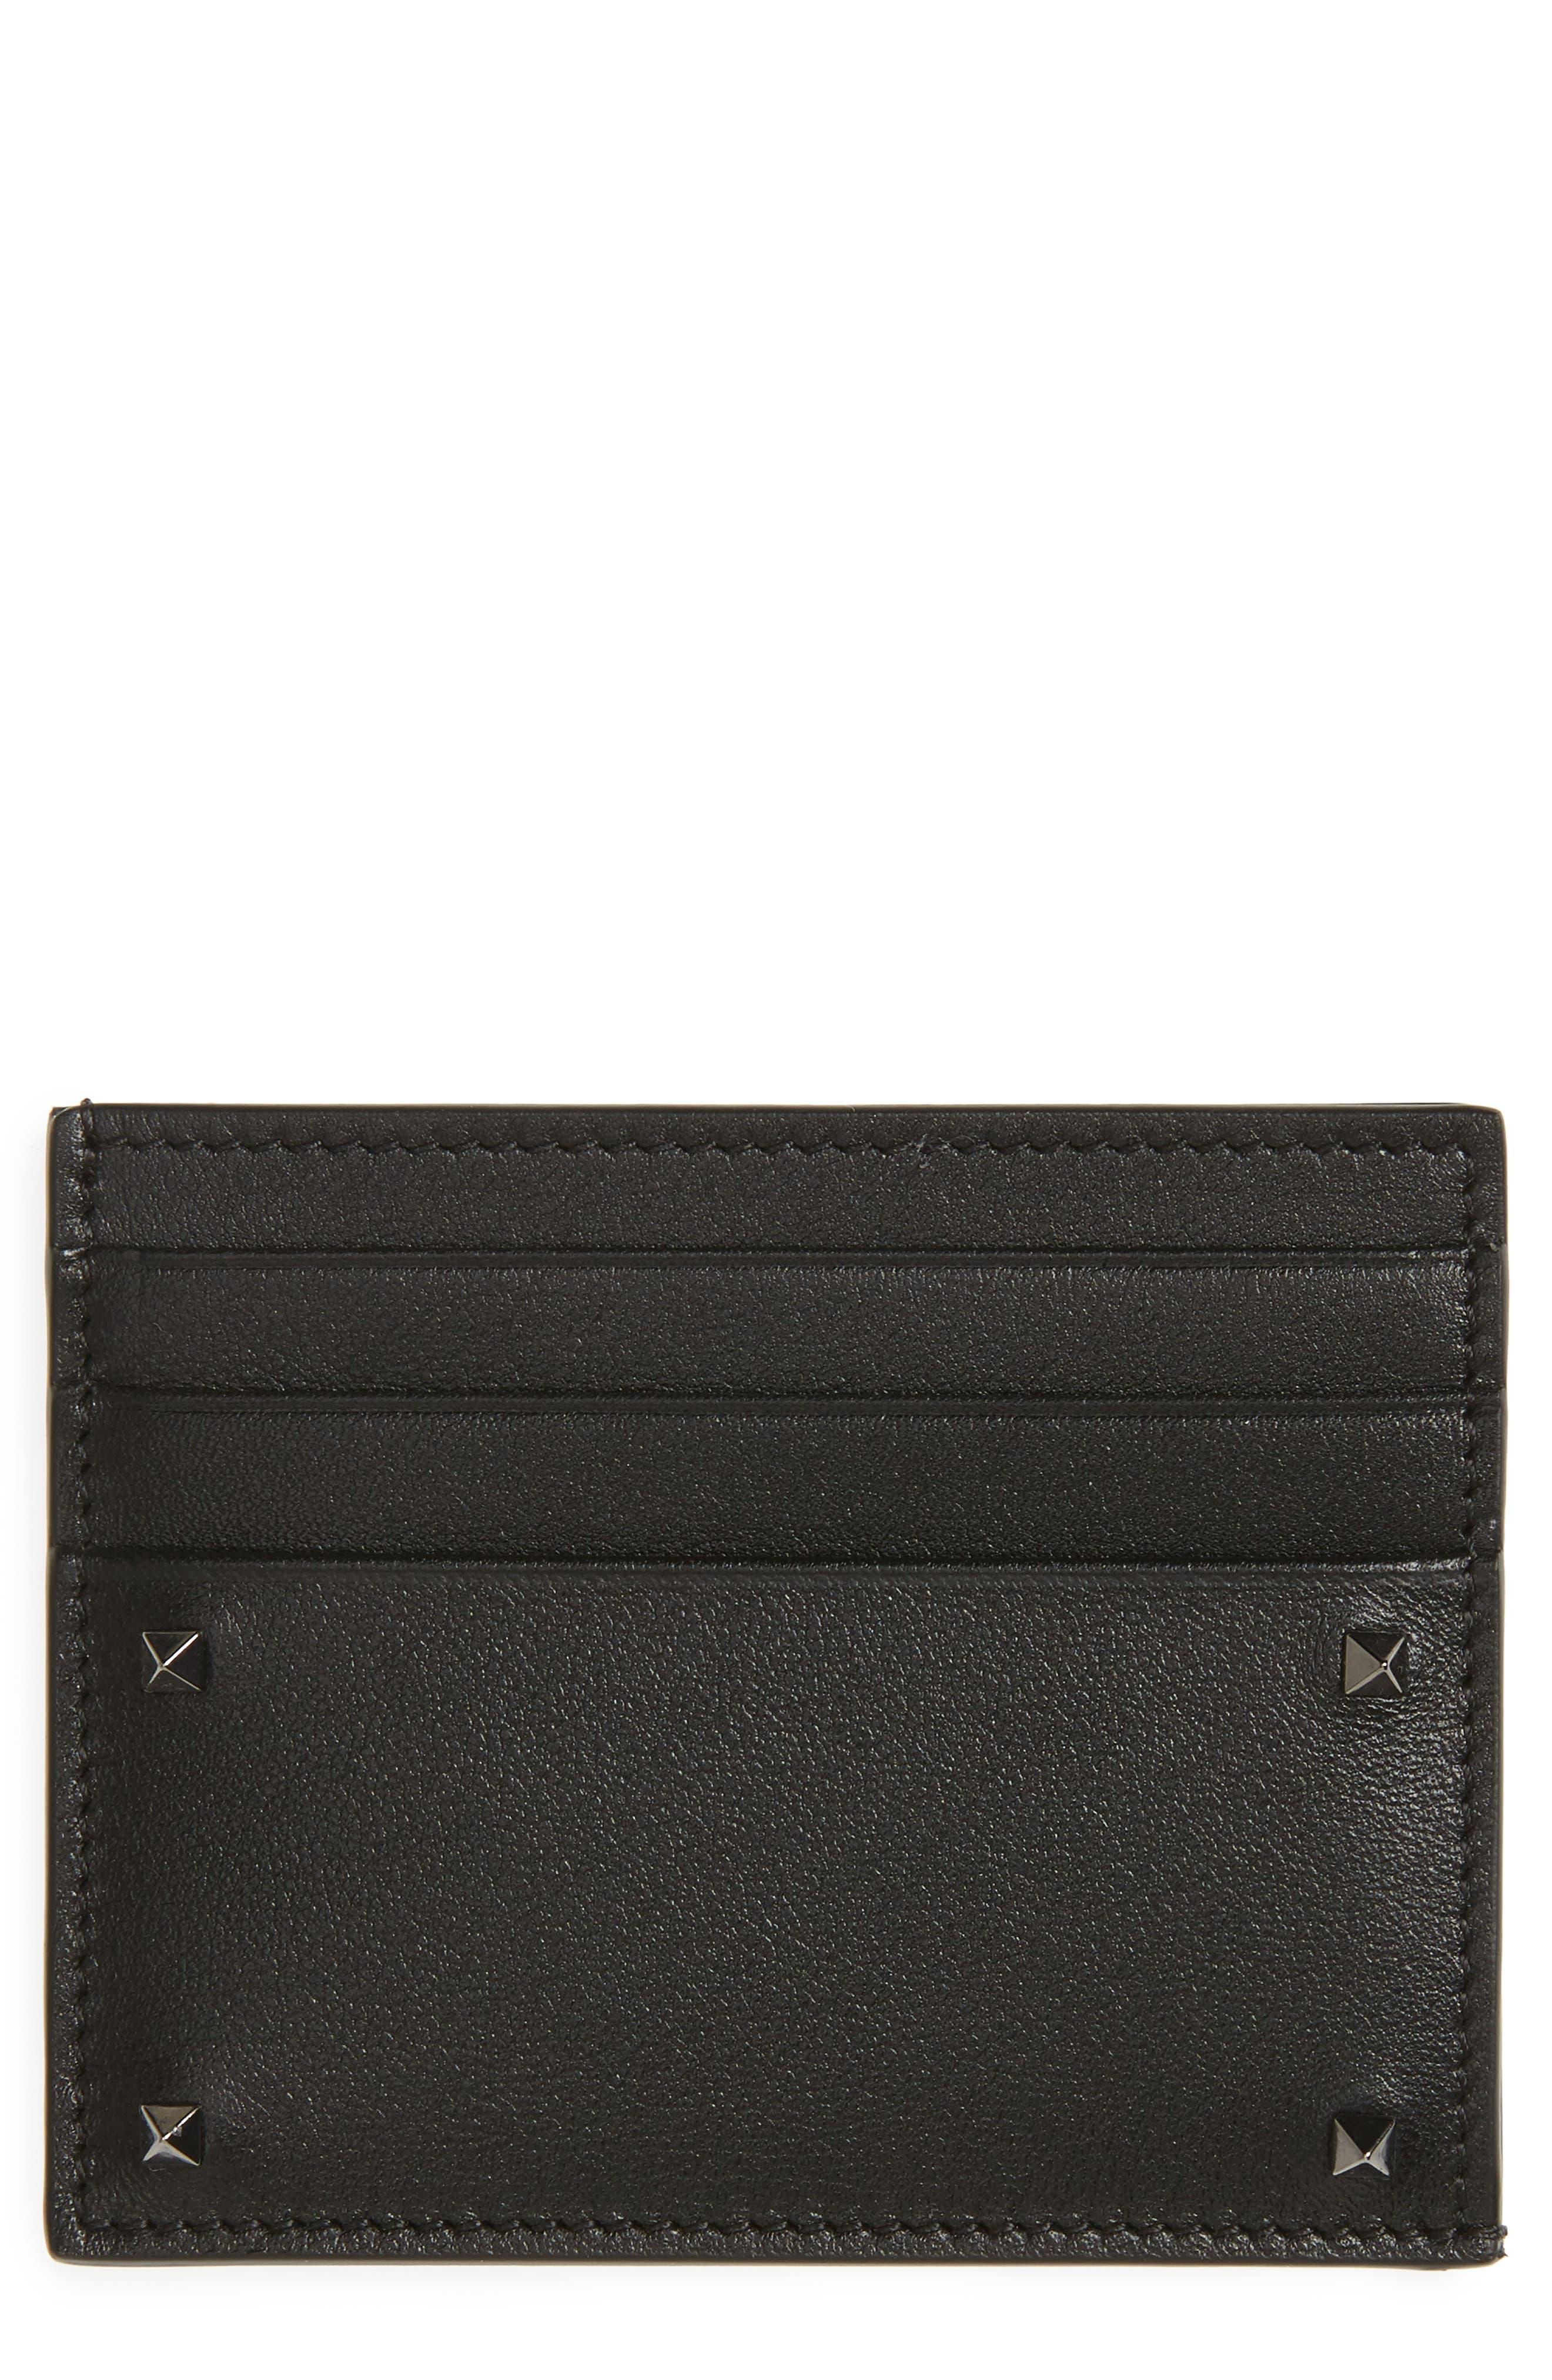 GARAVANI Mini Rock Stud Leather Card Case,                         Main,                         color, 001